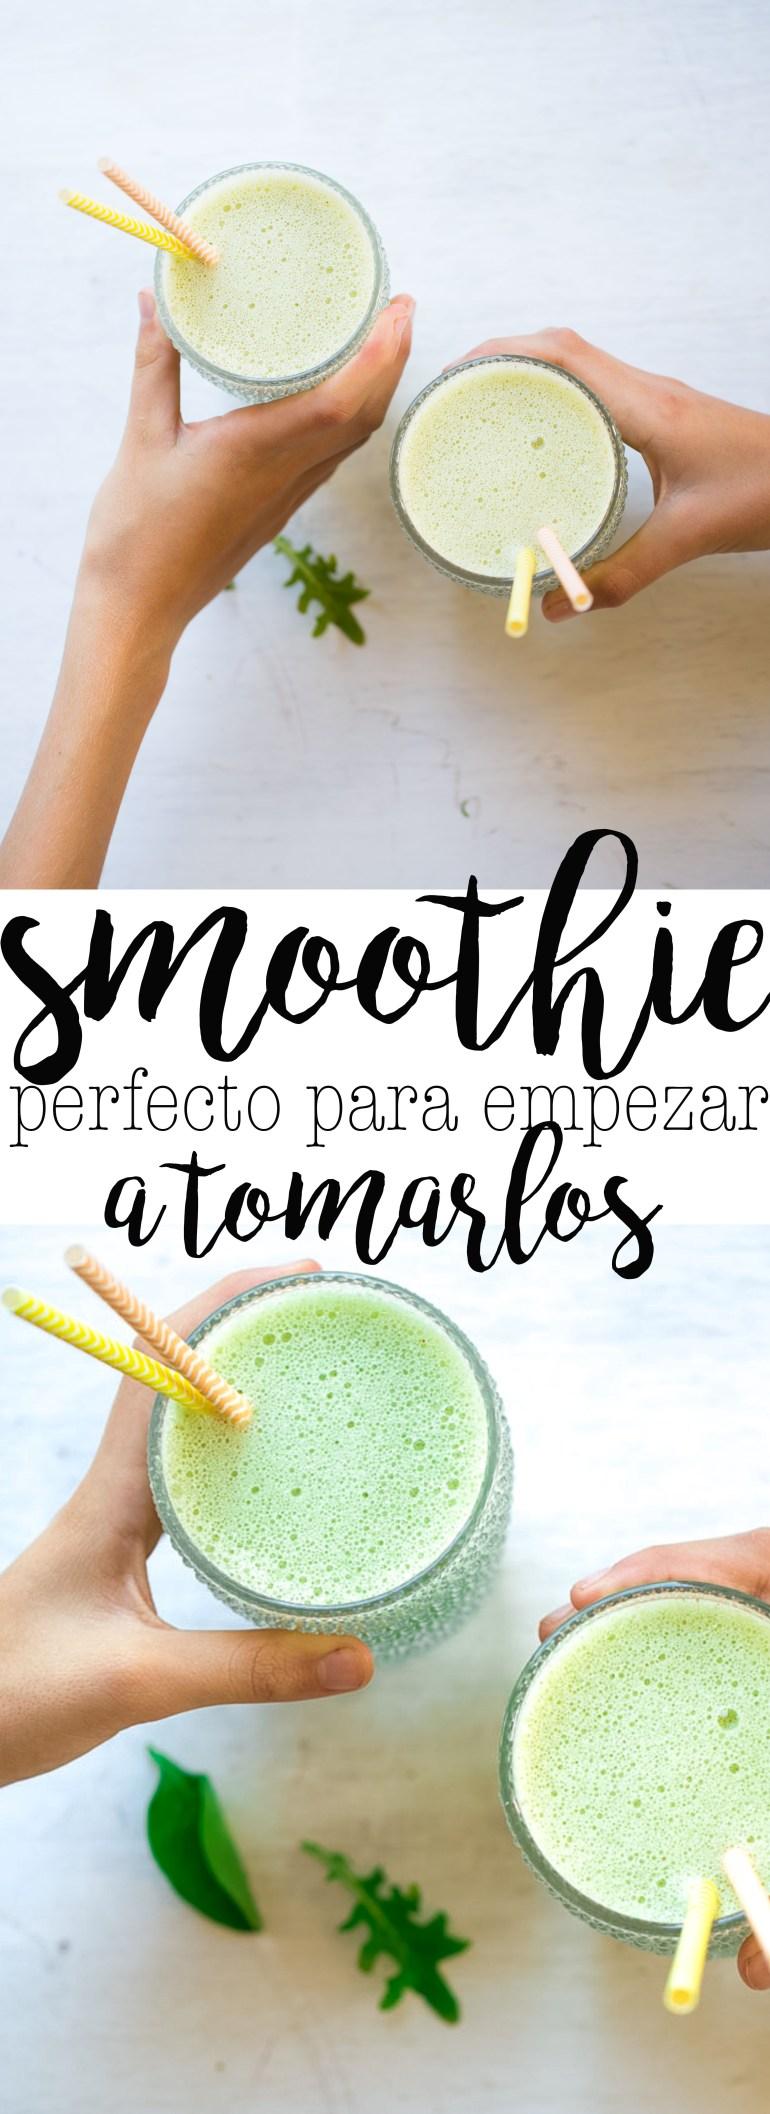 Esta receta es perfecta para empezar a tomar smoothies. Perfecta para introducirlos a la dieta de los niños.